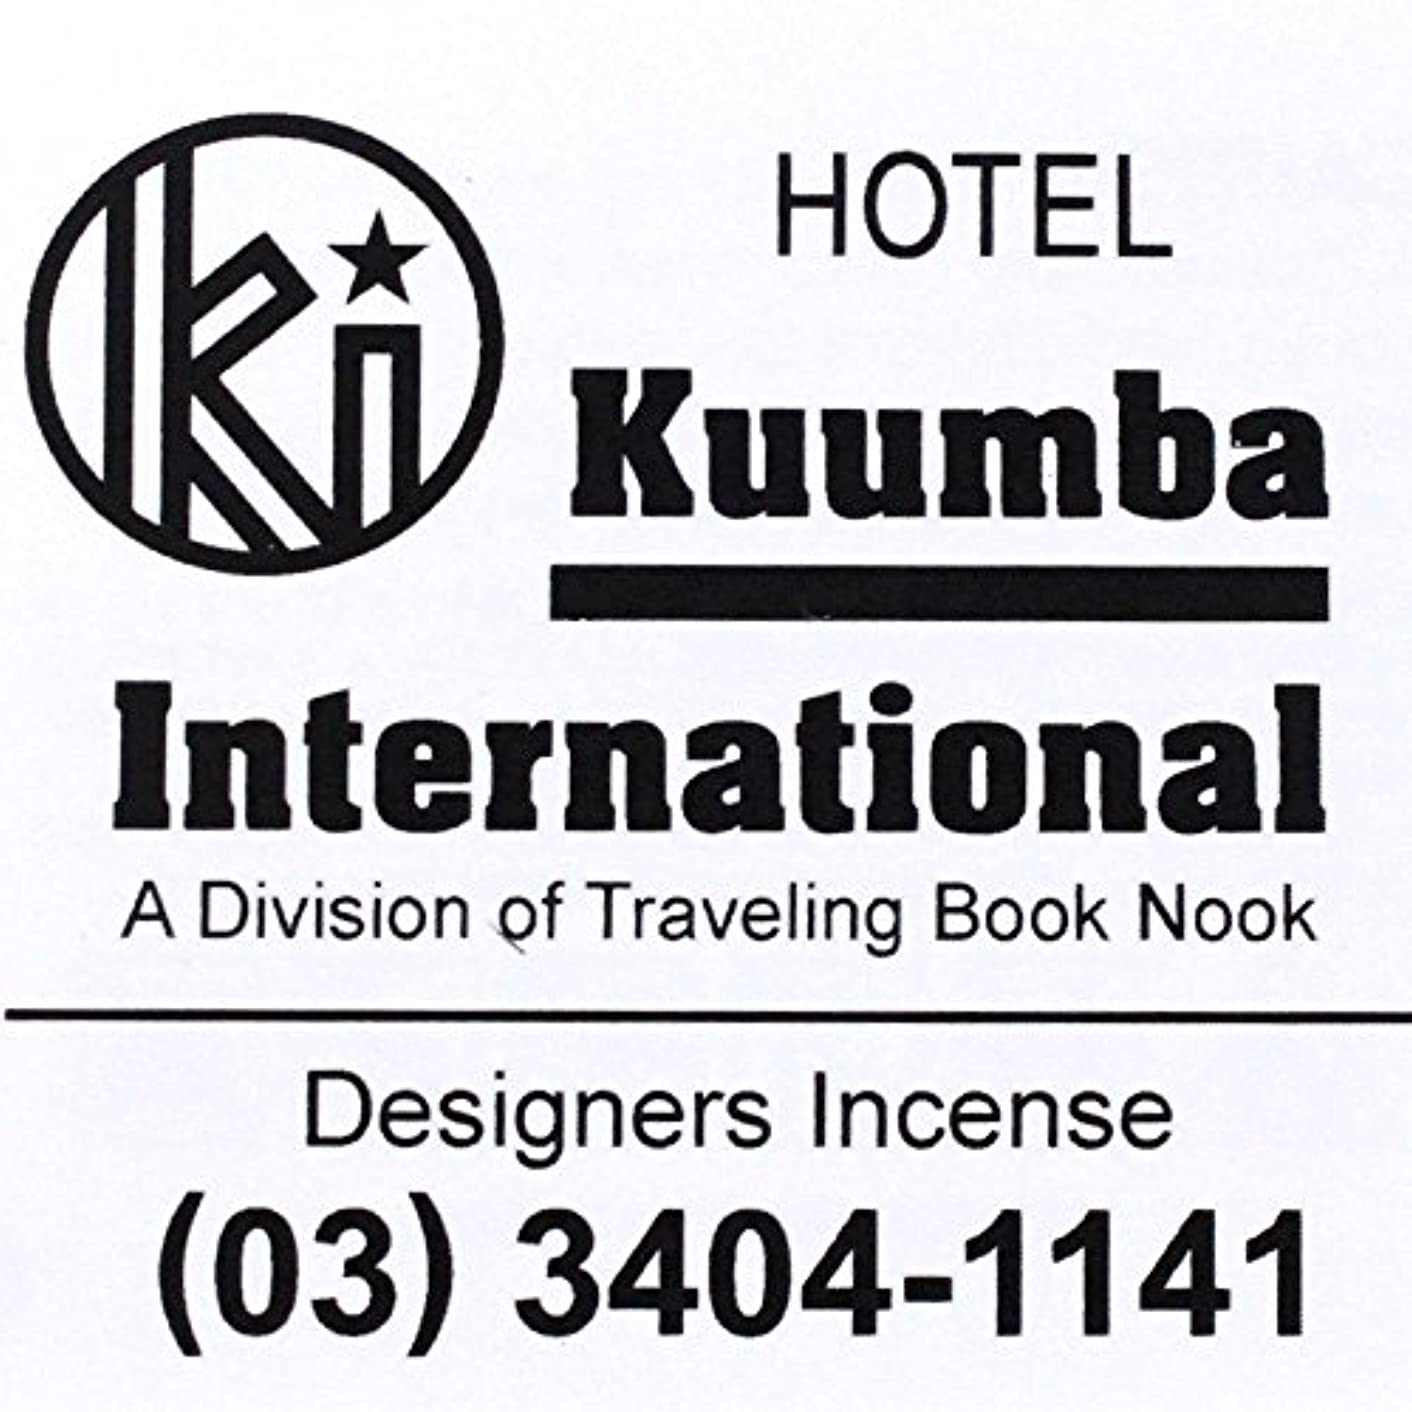 冷酷なカウンタ吸収剤(クンバ) KUUMBA『incense』(HOTEL) (Regular size)